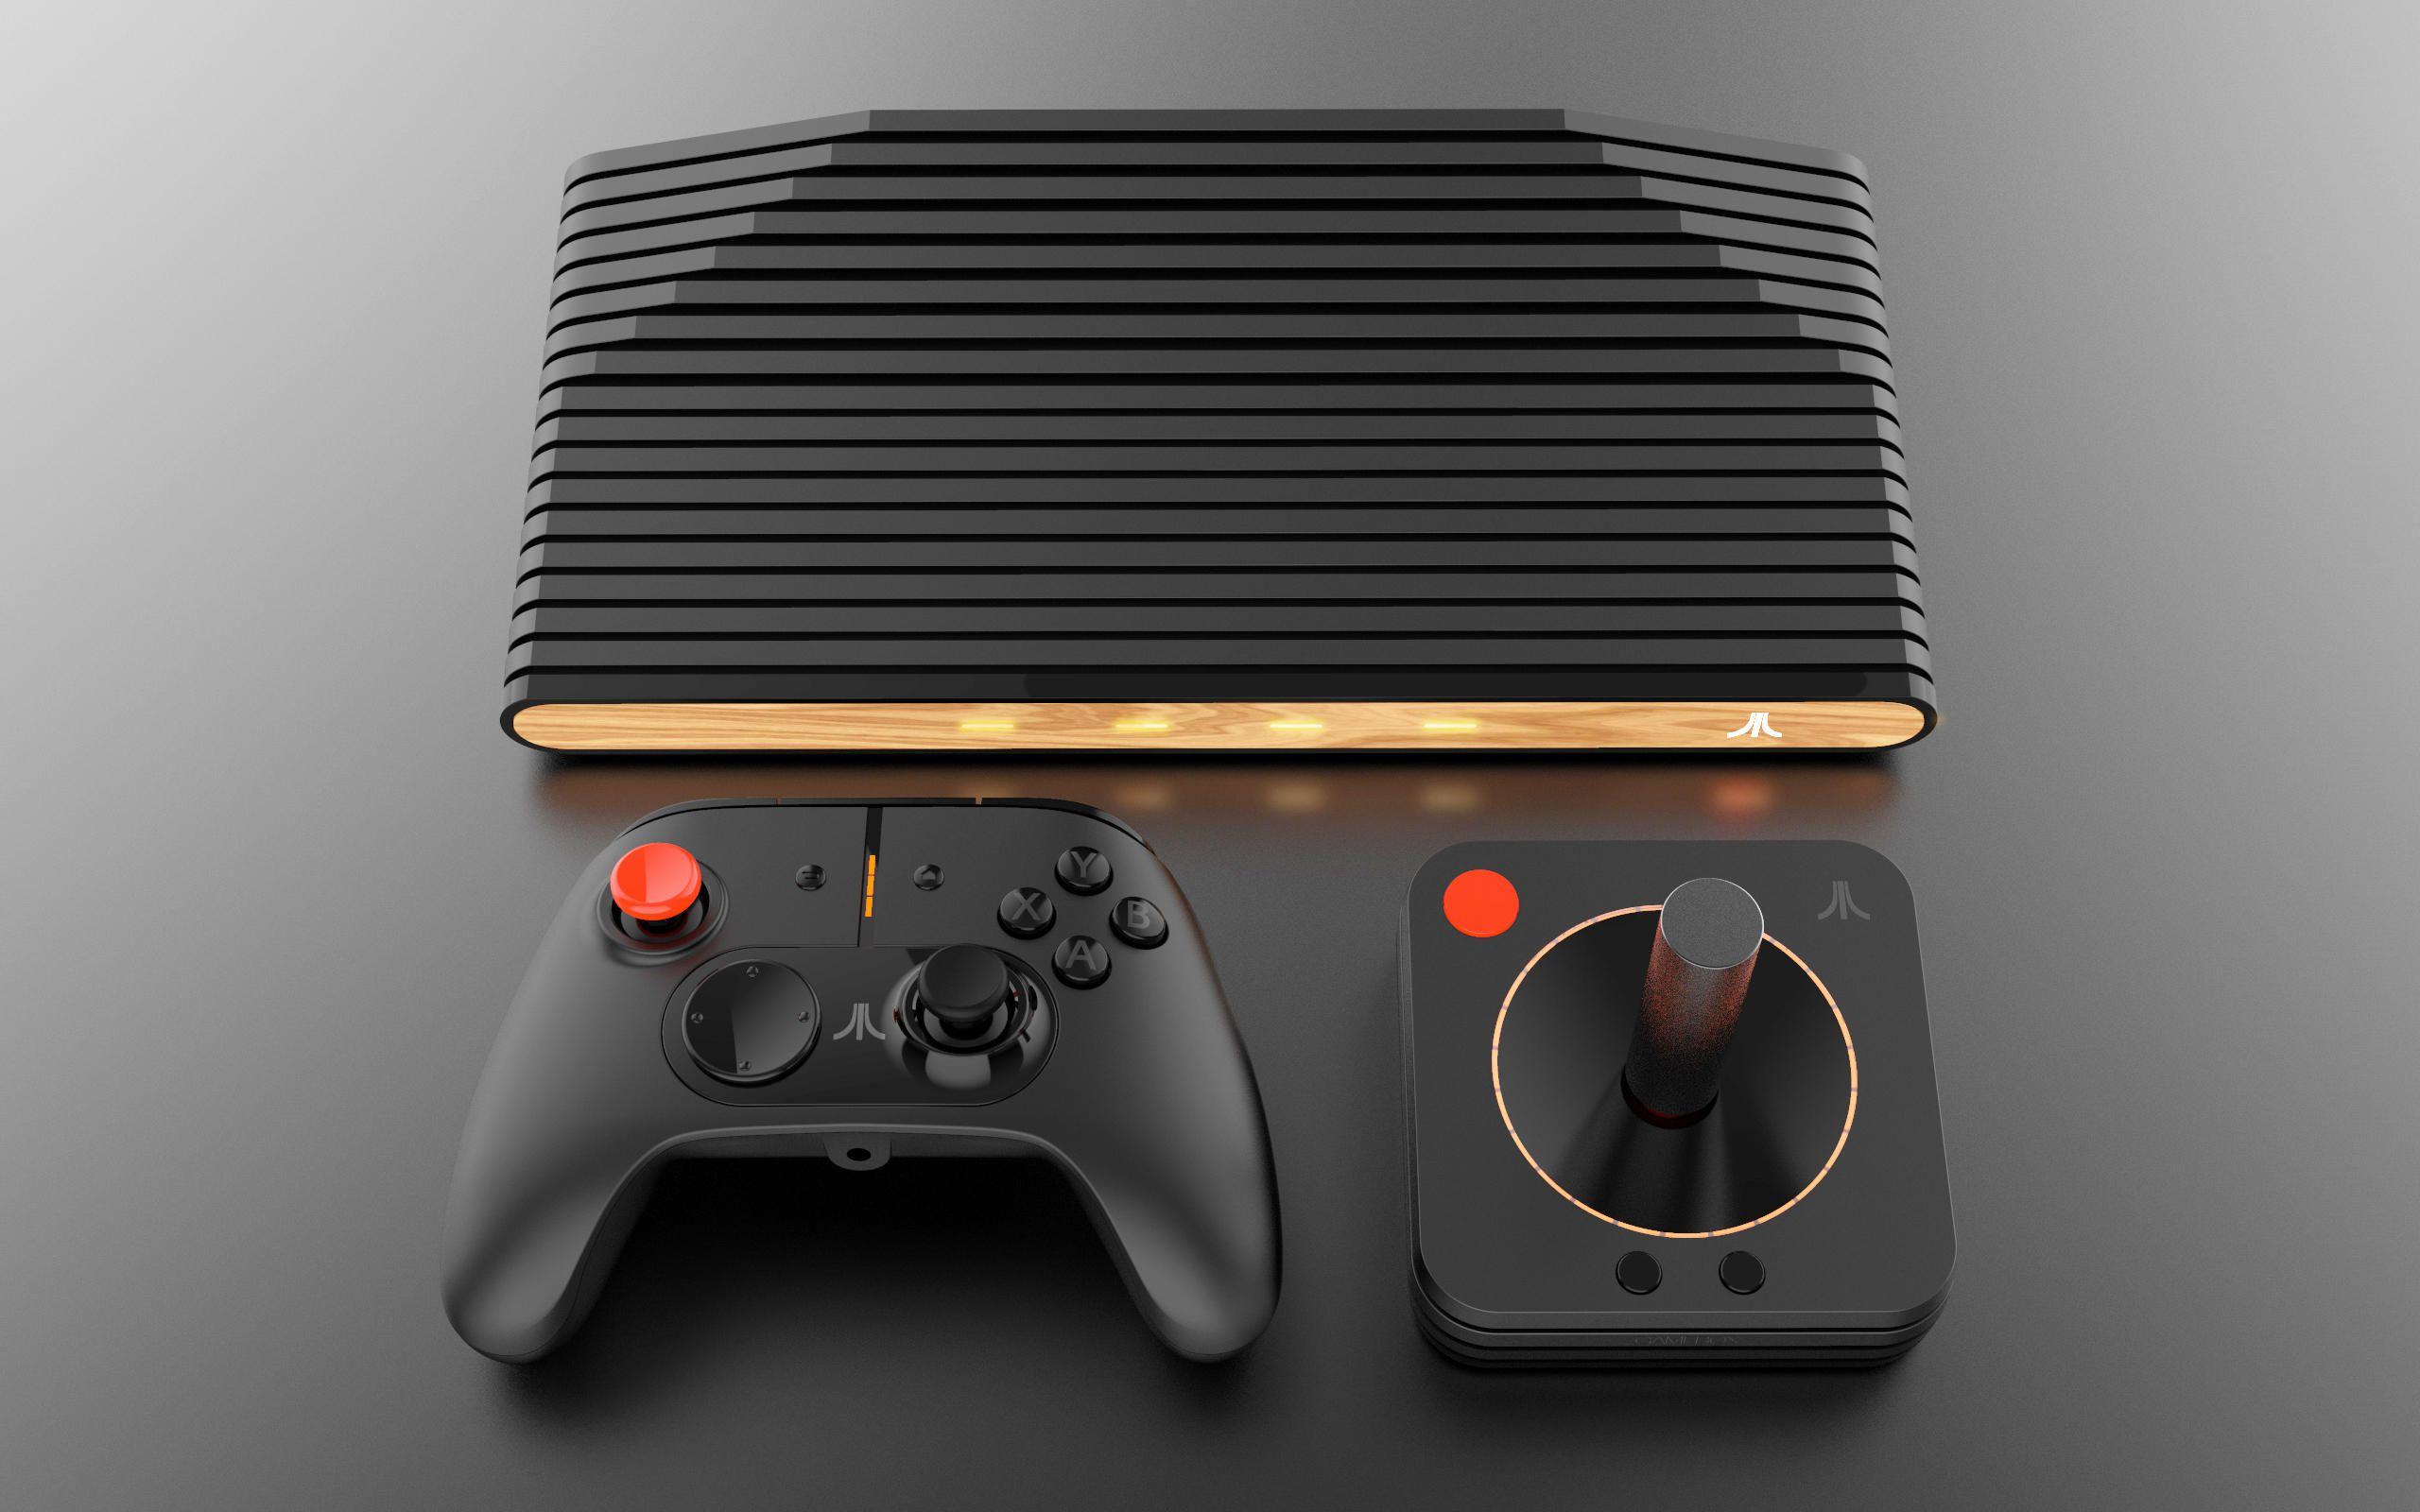 Les pré-commandes Atari VCS dépassent les 2 millions de dollars